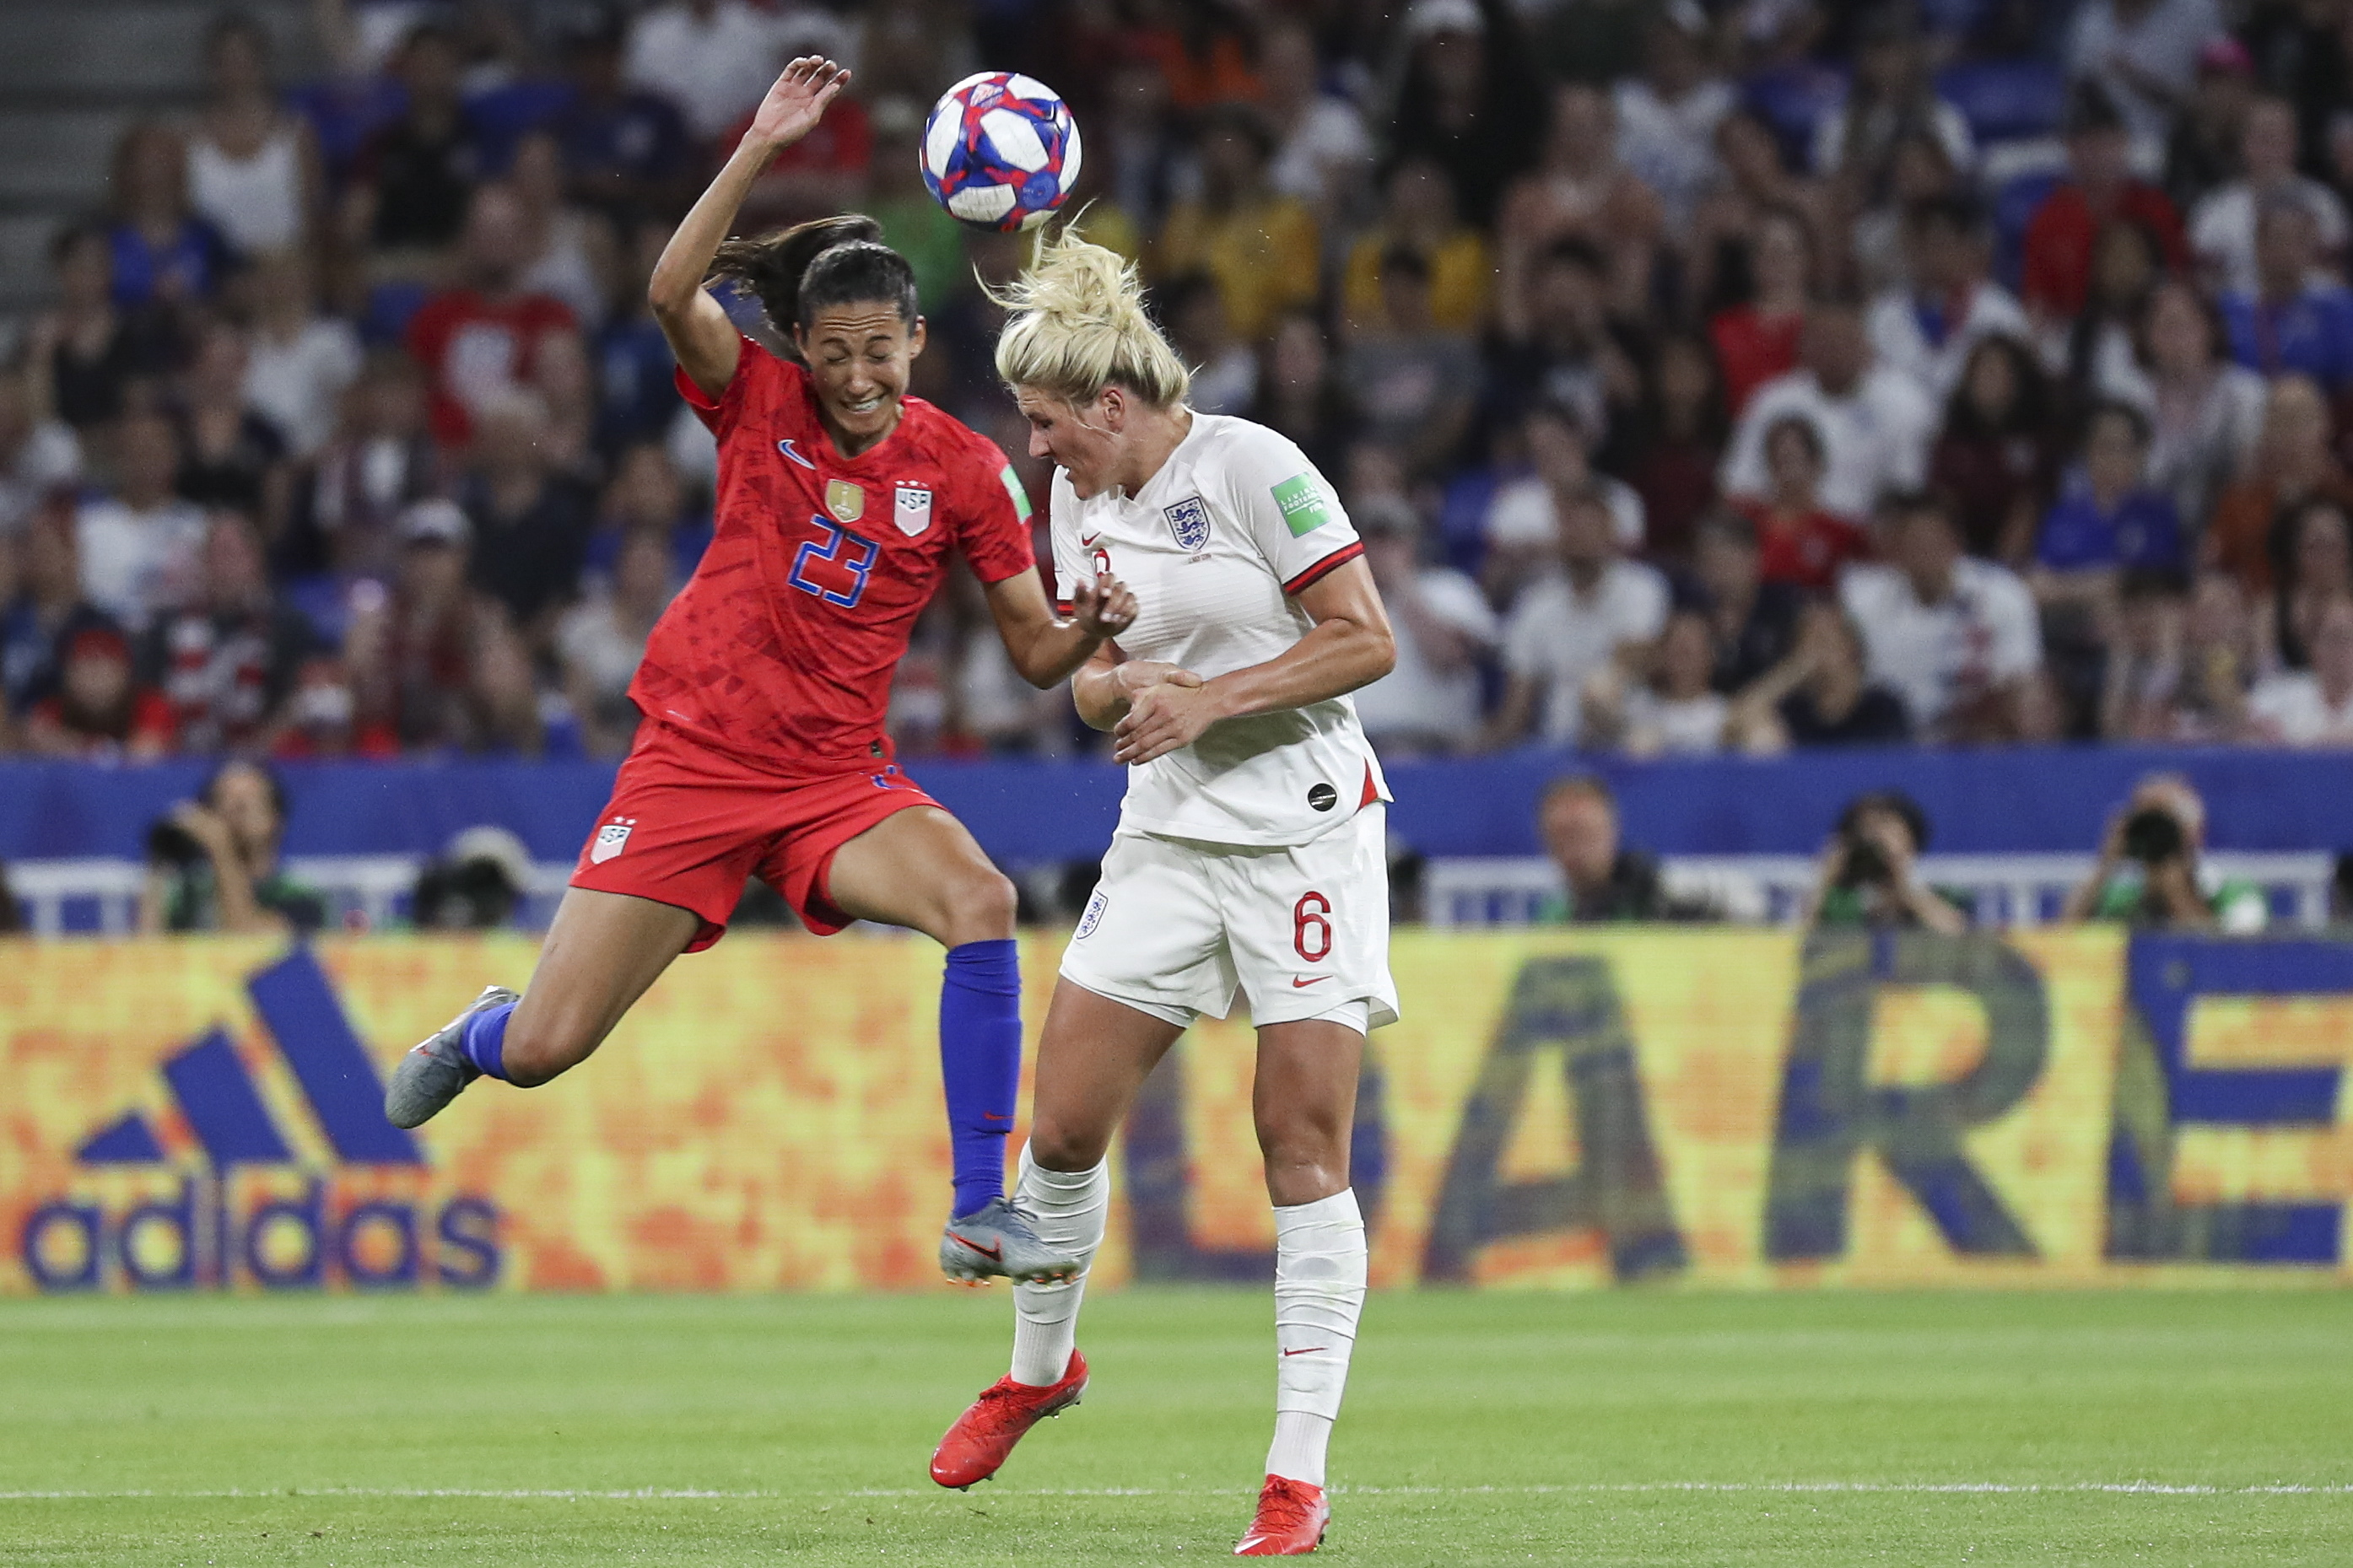 Quatro candidaturas para organizar o Mundial feminino de futebol em 2023